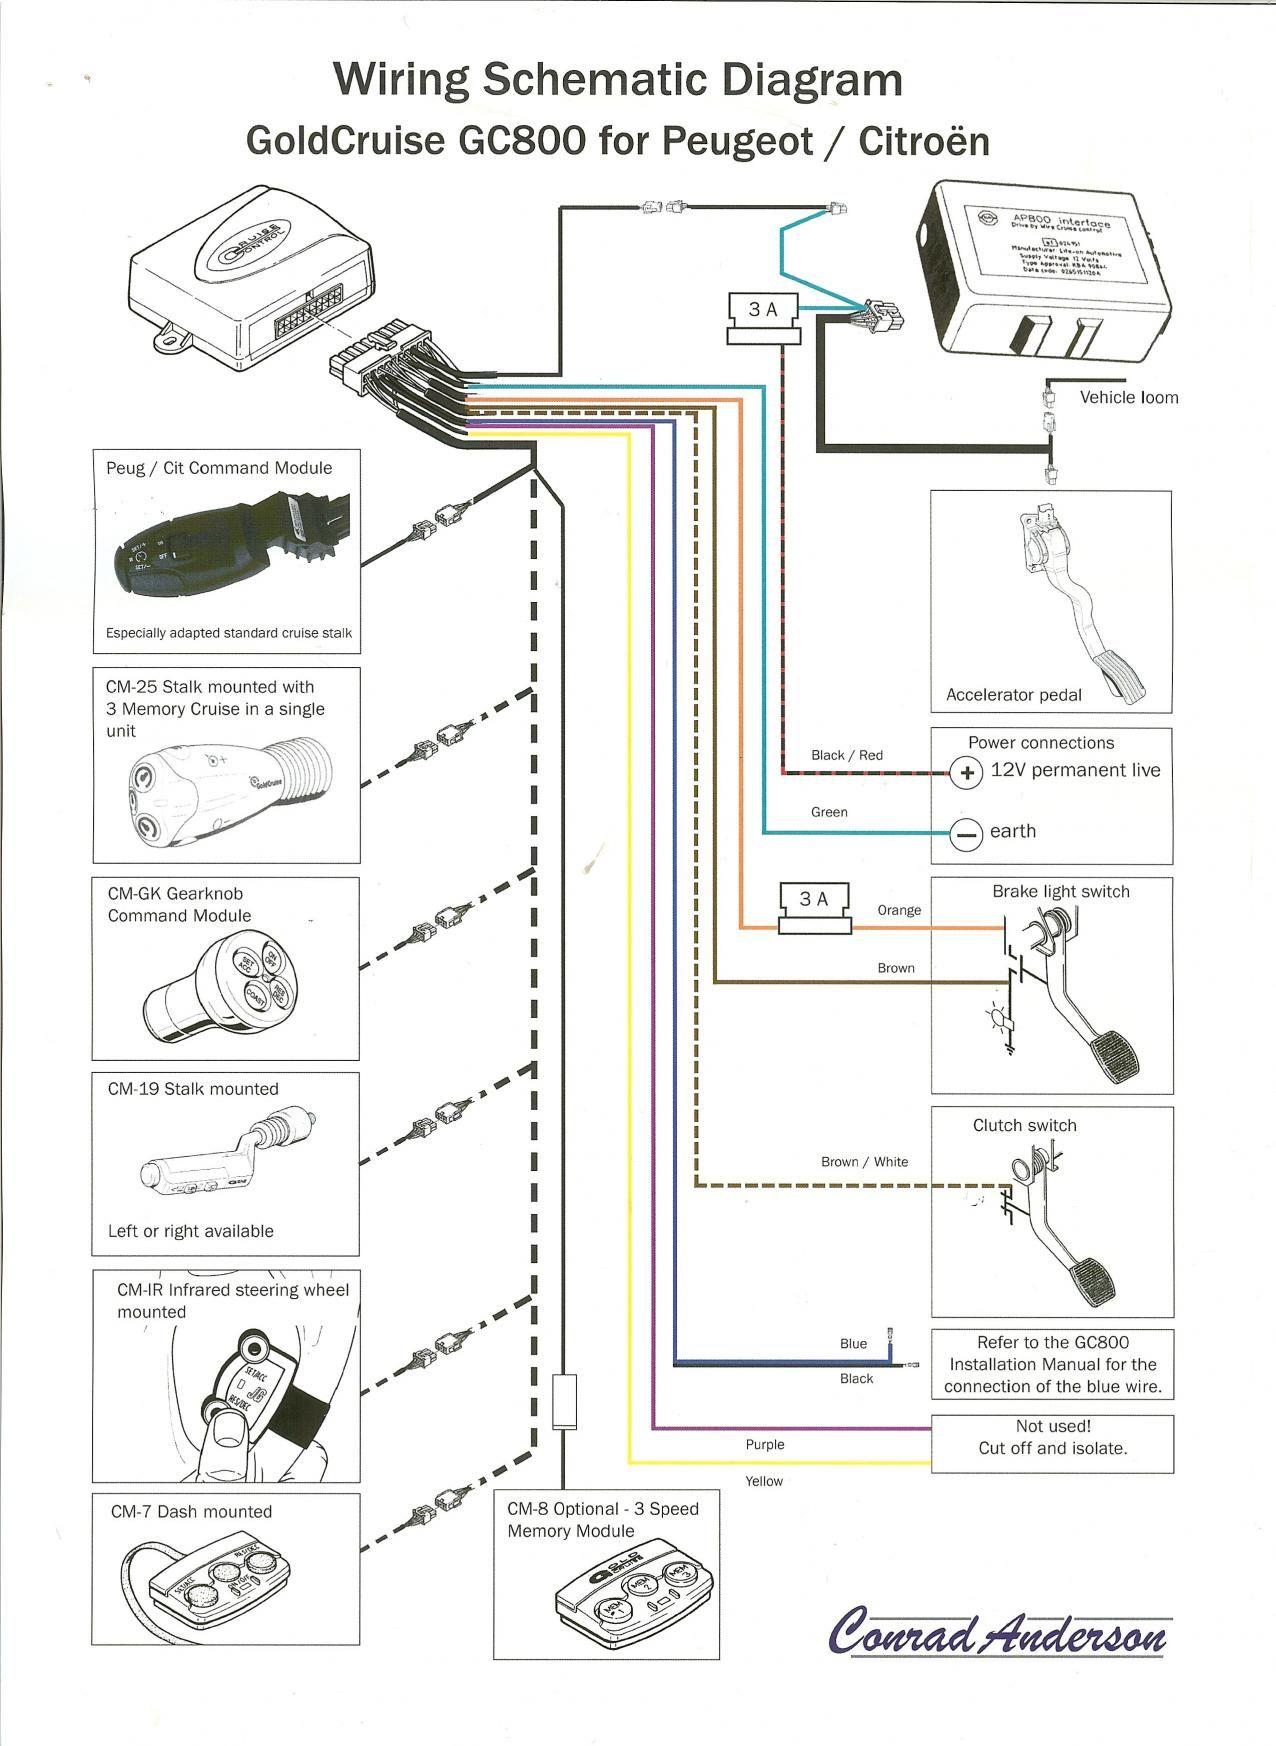 hight resolution of freelander td4 wiring diagram 29 wiring diagram images land rover freelander towbar wiring diagram land rover freelander electrical diagram